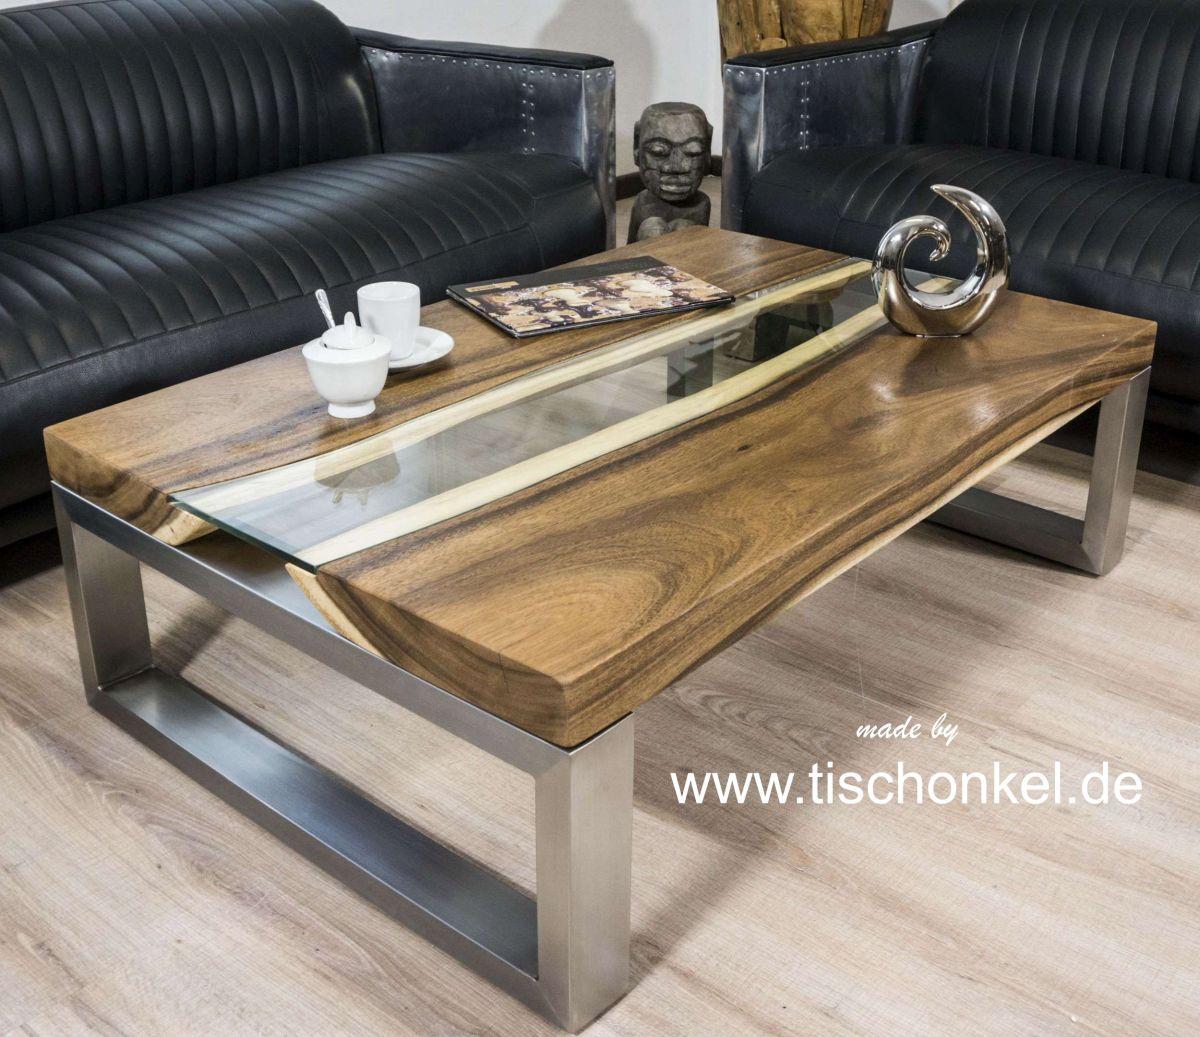 schicker couchtisch der serie elements der tischonkel. Black Bedroom Furniture Sets. Home Design Ideas